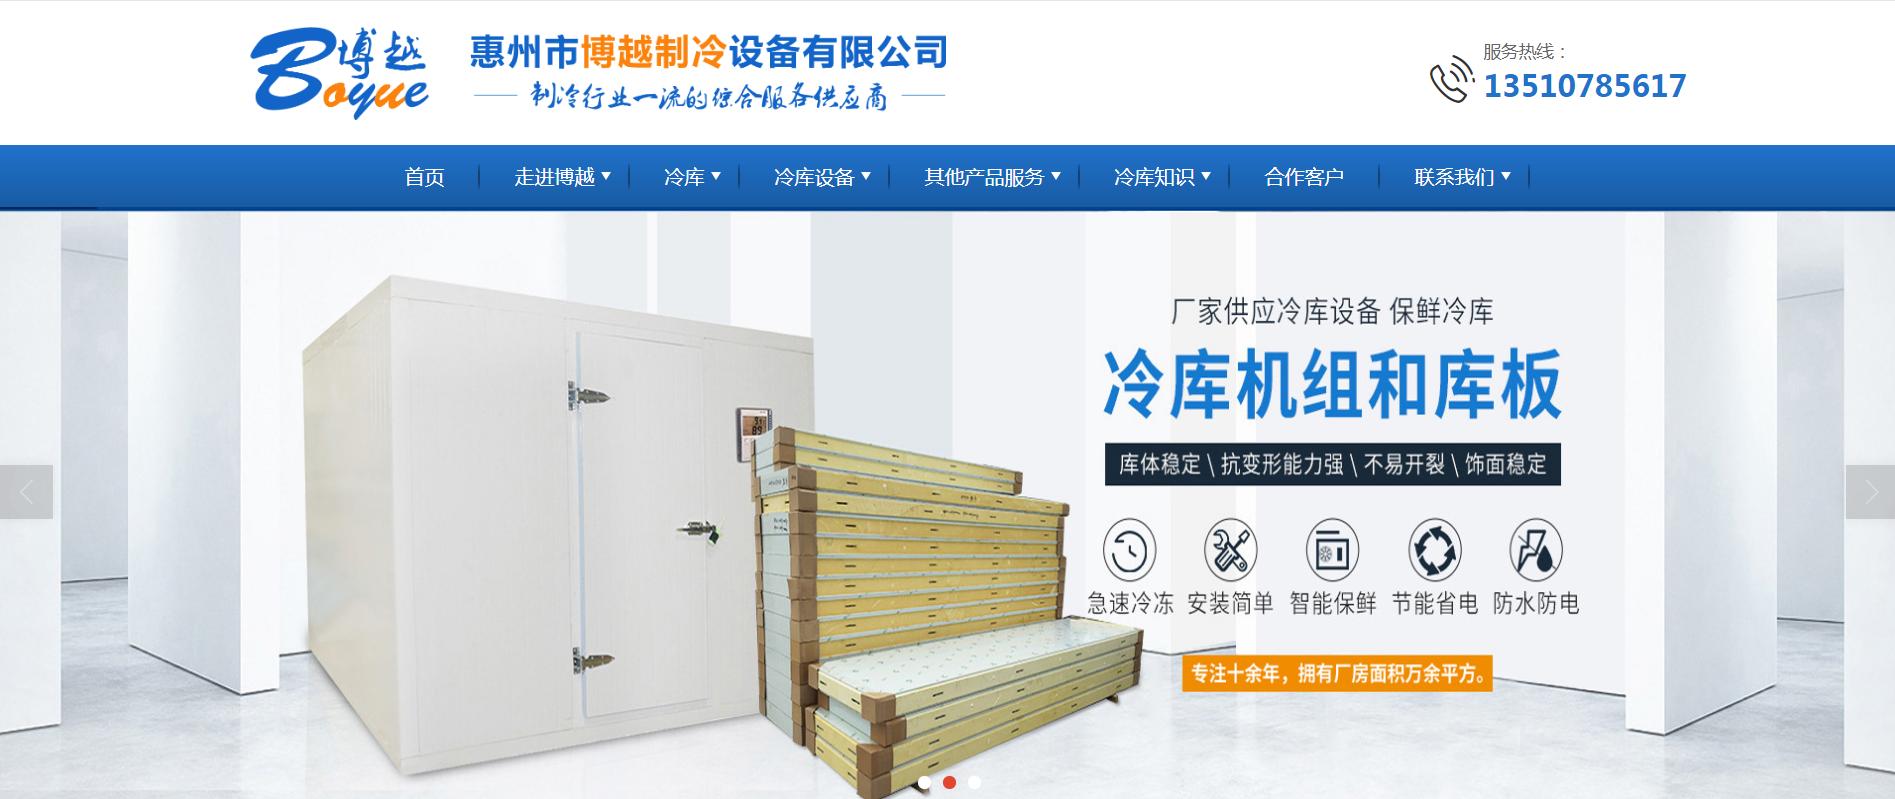 恭喜惠州诚意网络与惠州博越制冷设备有限公司达成网络推广合作